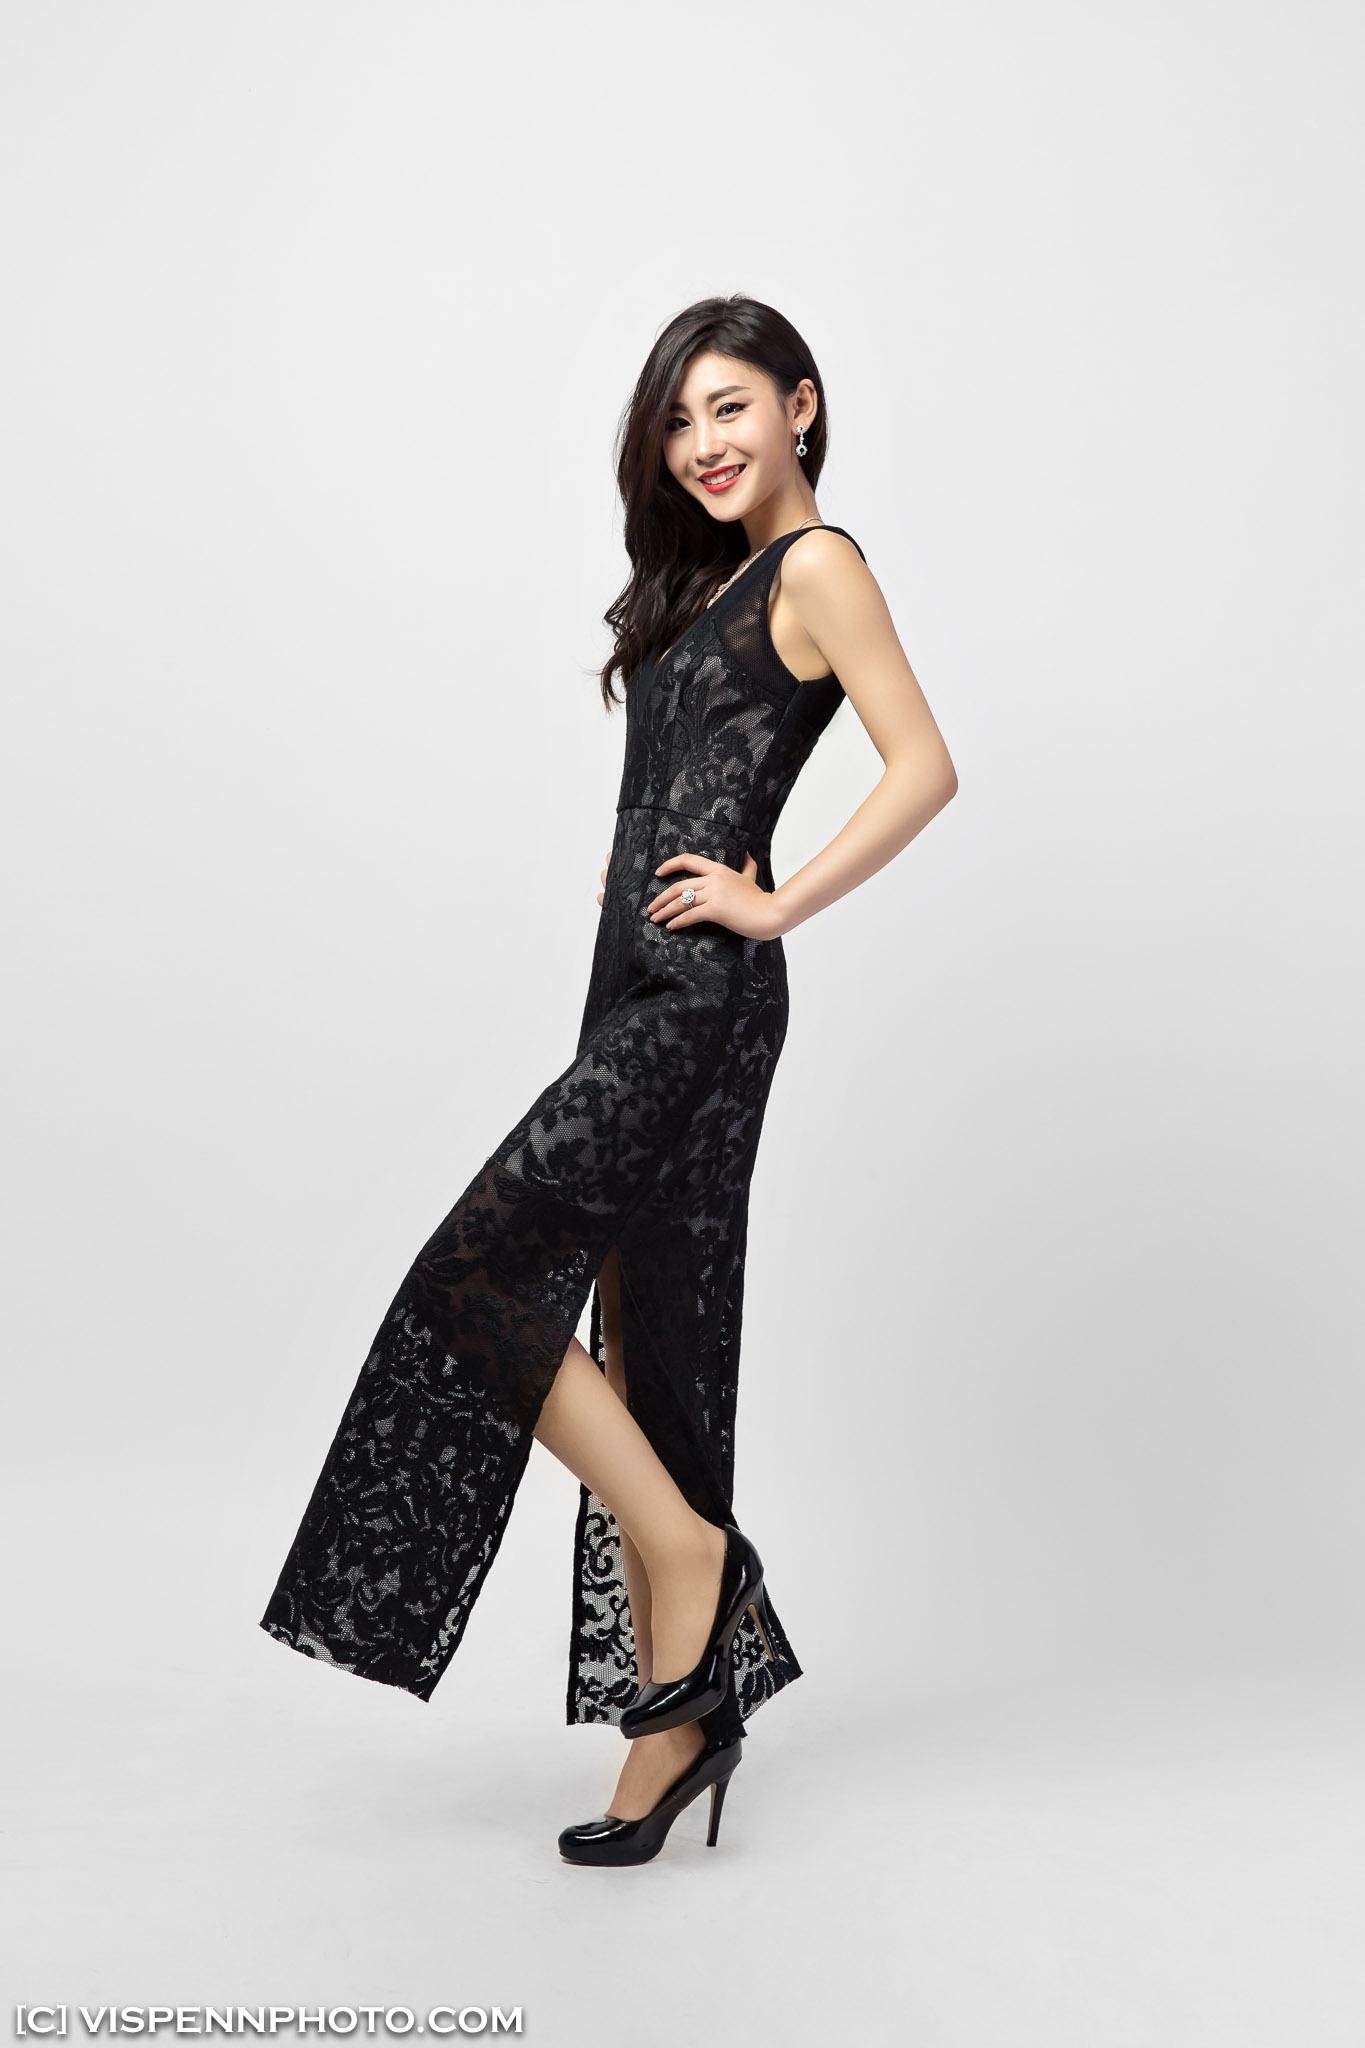 Melbourne Fashion Portrait Commercial Photography VISPENN 墨尔本 服装 商业 人像 摄影 VISPENN 05210